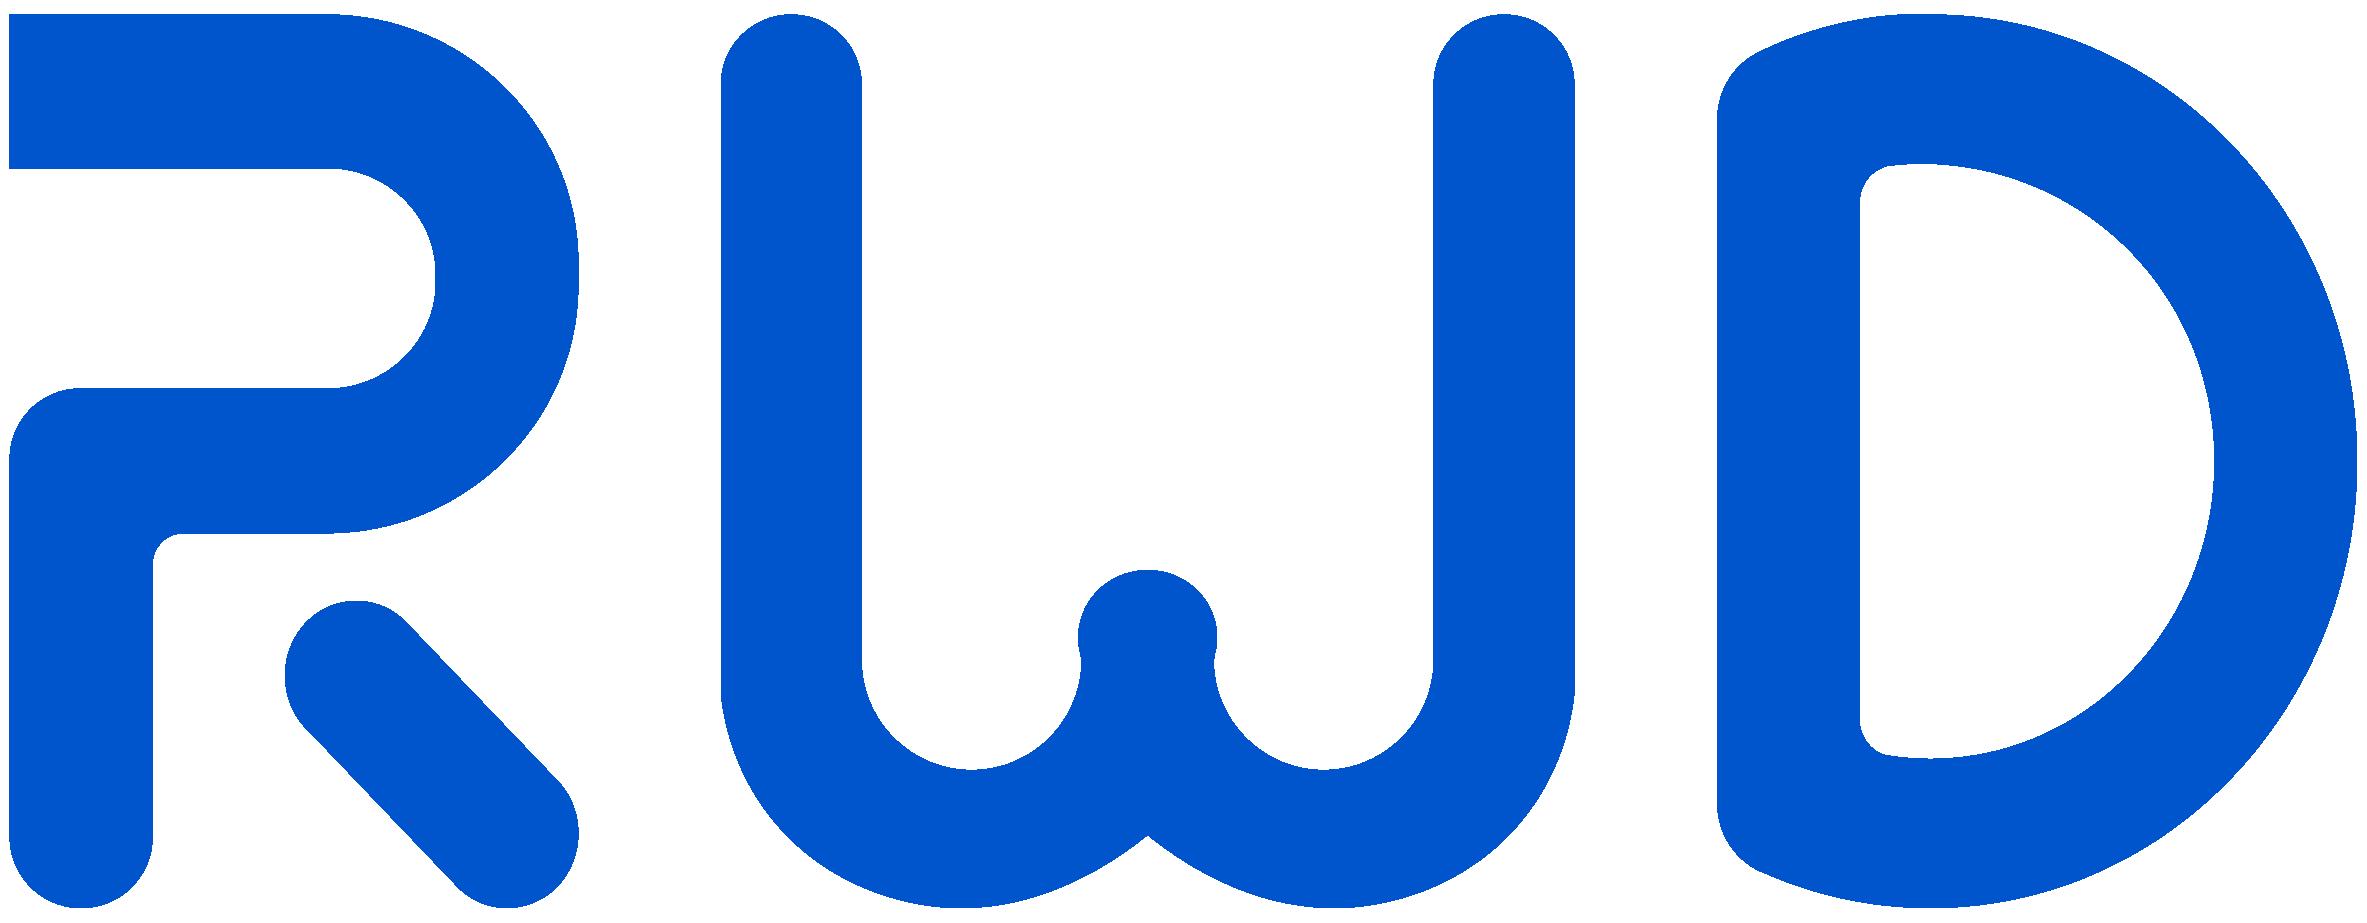 RWD Life Science Co., Ltd